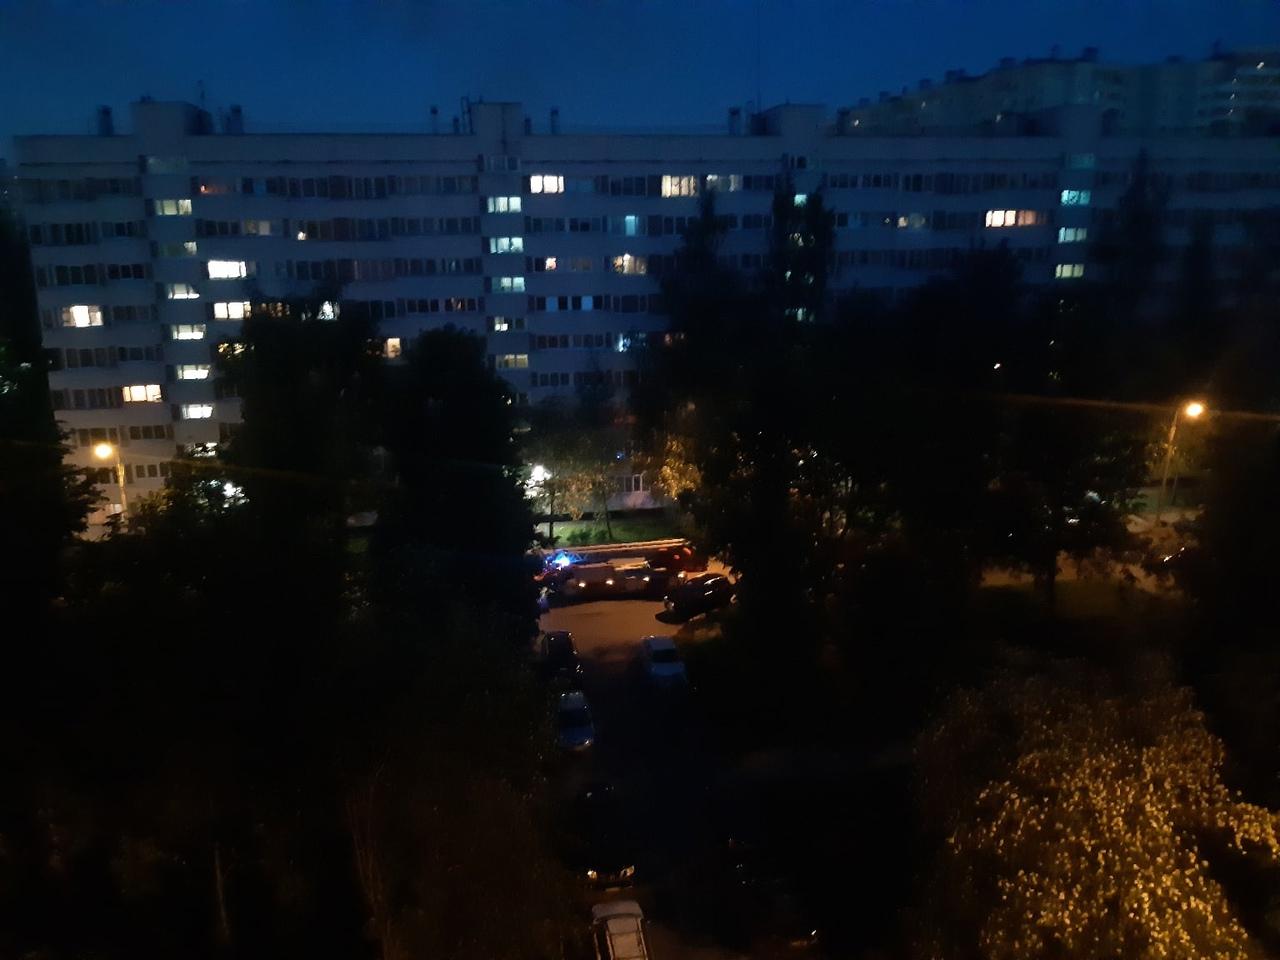 Пожар в доме по адресу Аллея Котельникова д. 4. Пожарные расчёты на месте.